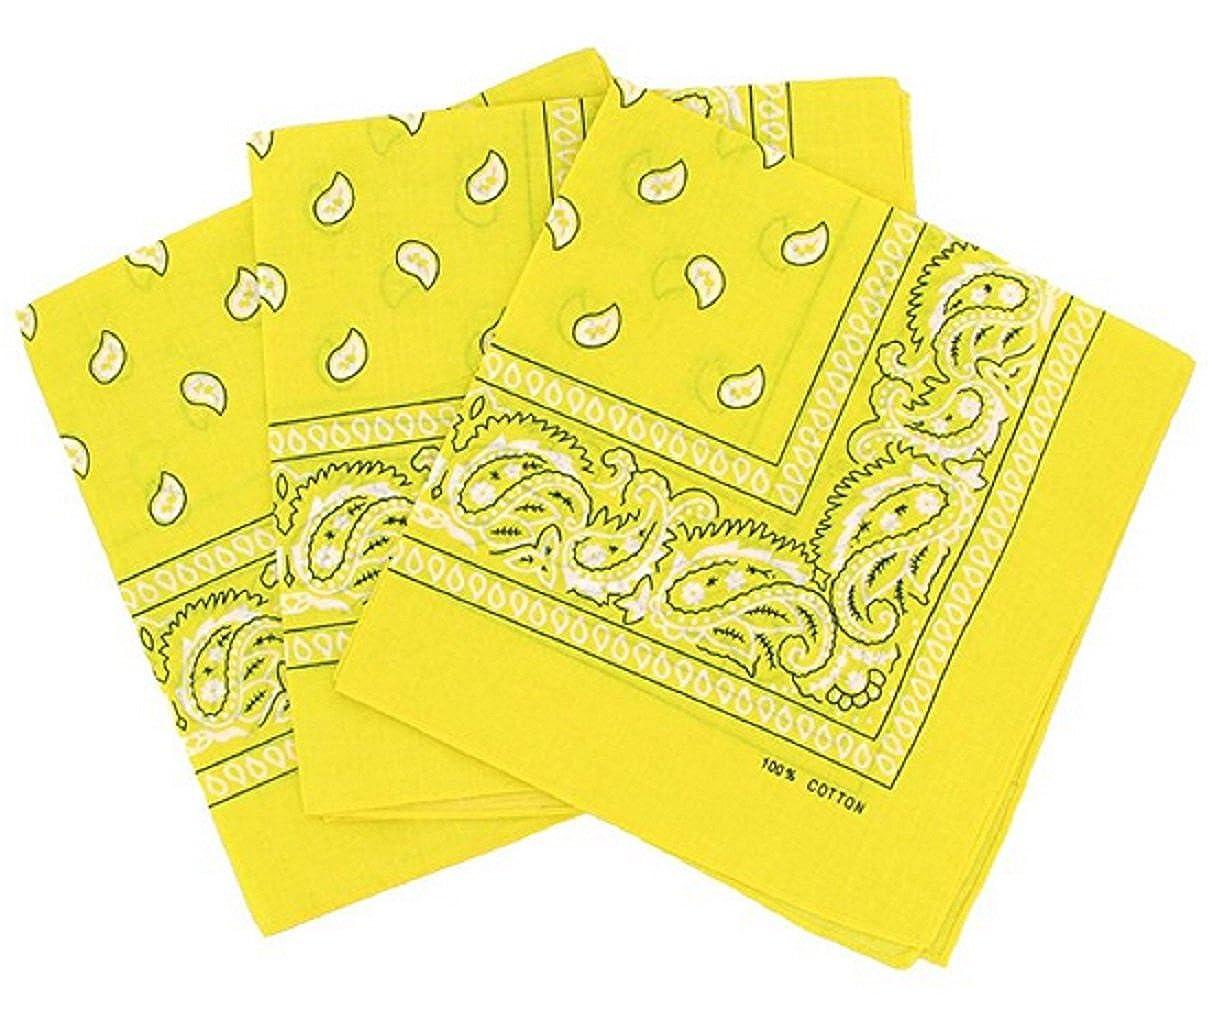 PURECITY© Bandana Original Paisley Motif Cachemire Foulard Pur Coton  Qualité Supérieure Vendu par Lot - 55cm x 55 cm - Nouvelle Collection Blanc  Rouge) 5c826e193ae